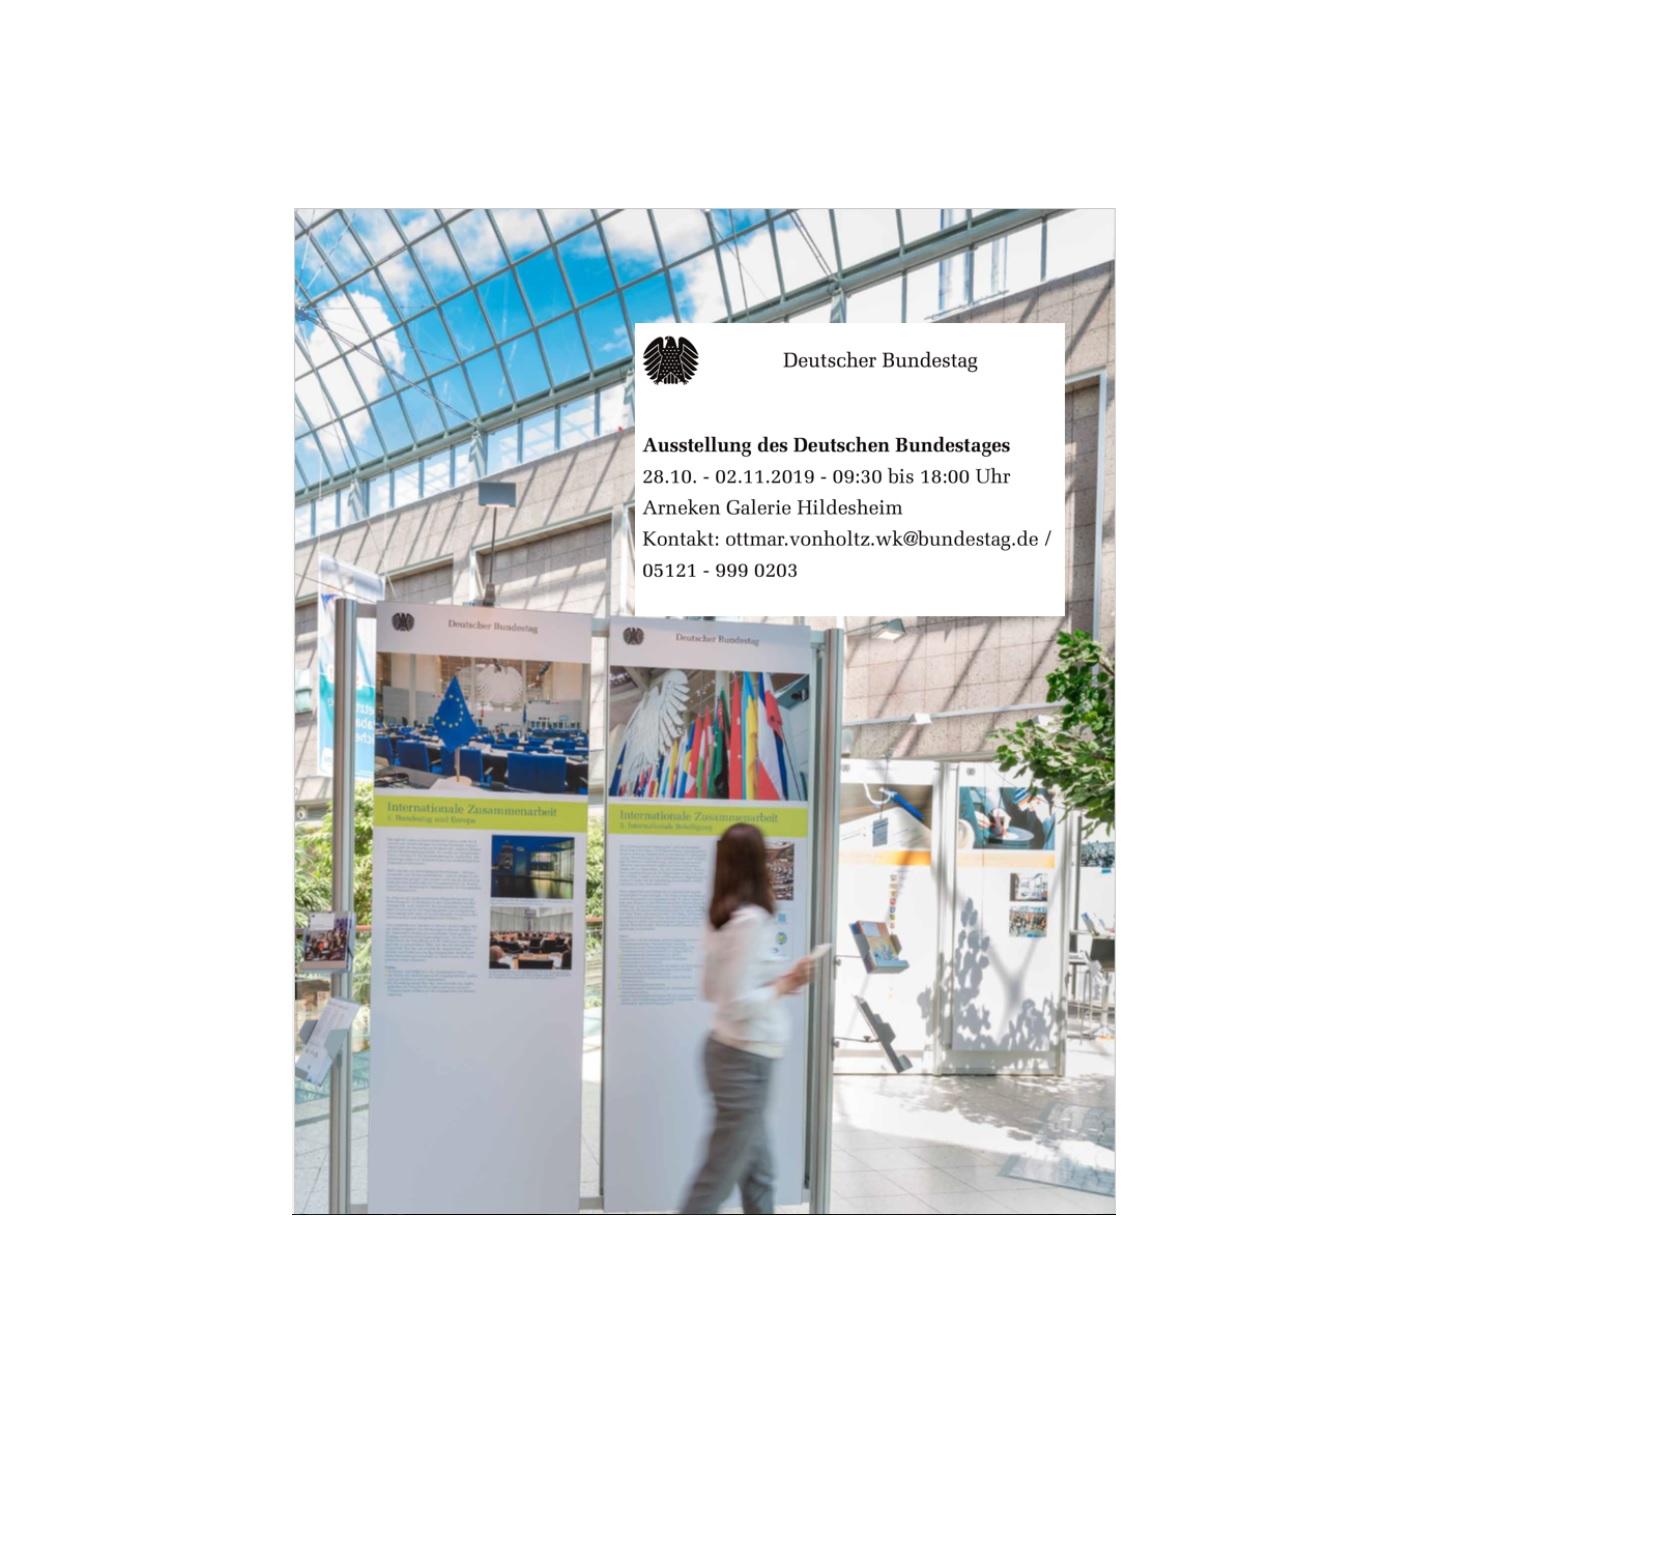 Ausstellung des Deutschen Bundestages